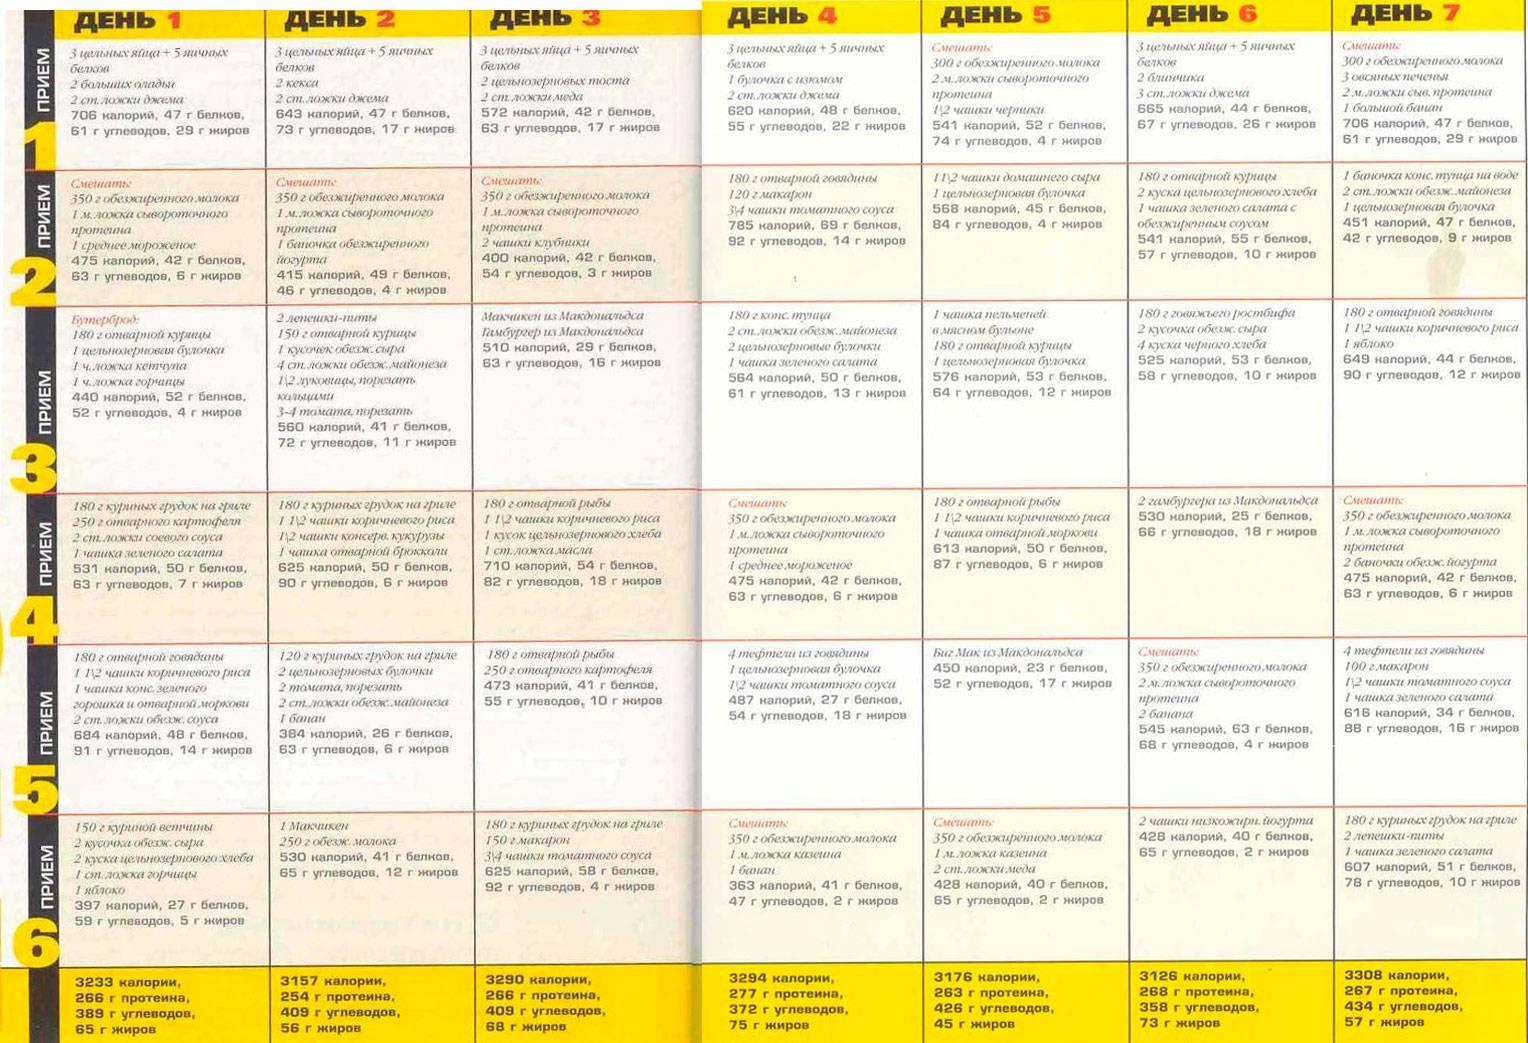 Жиросжигающая диета: основные правила, меню на неделю, популярные рецепты